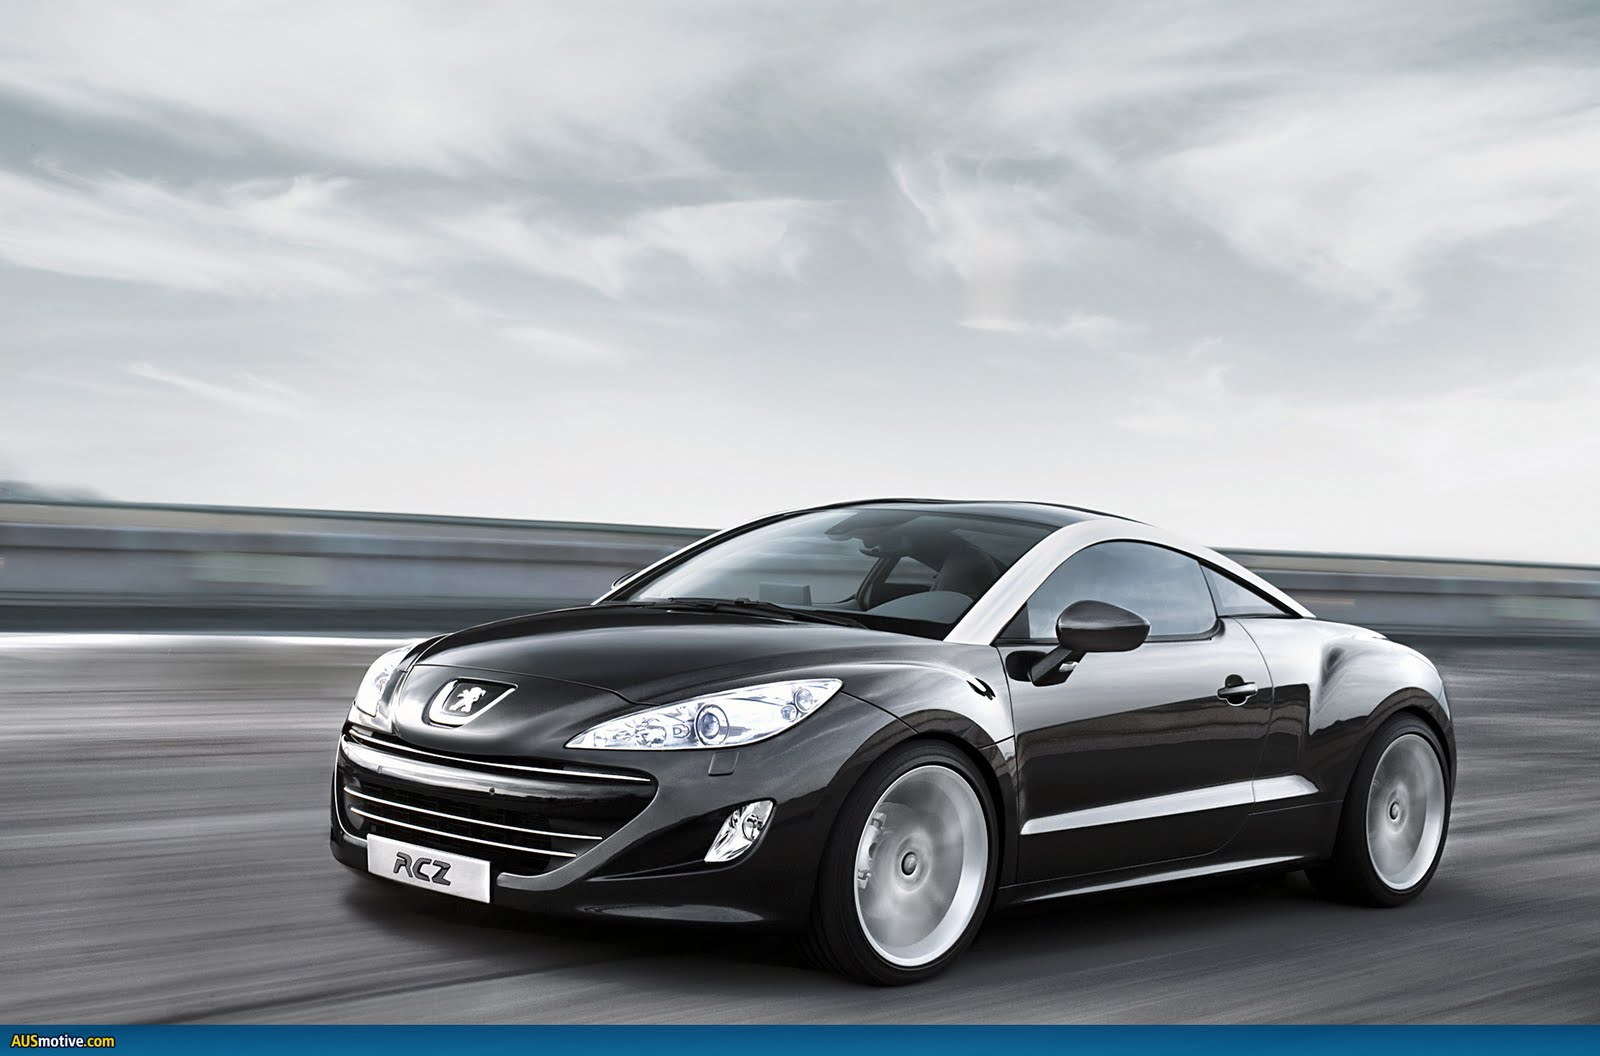 http://1.bp.blogspot.com/_pXnW36GSjVA/TP02qKP1JzI/AAAAAAAADqo/OOaW5S0FTBU/s1600/Peugeot%2BRCZ.jpg